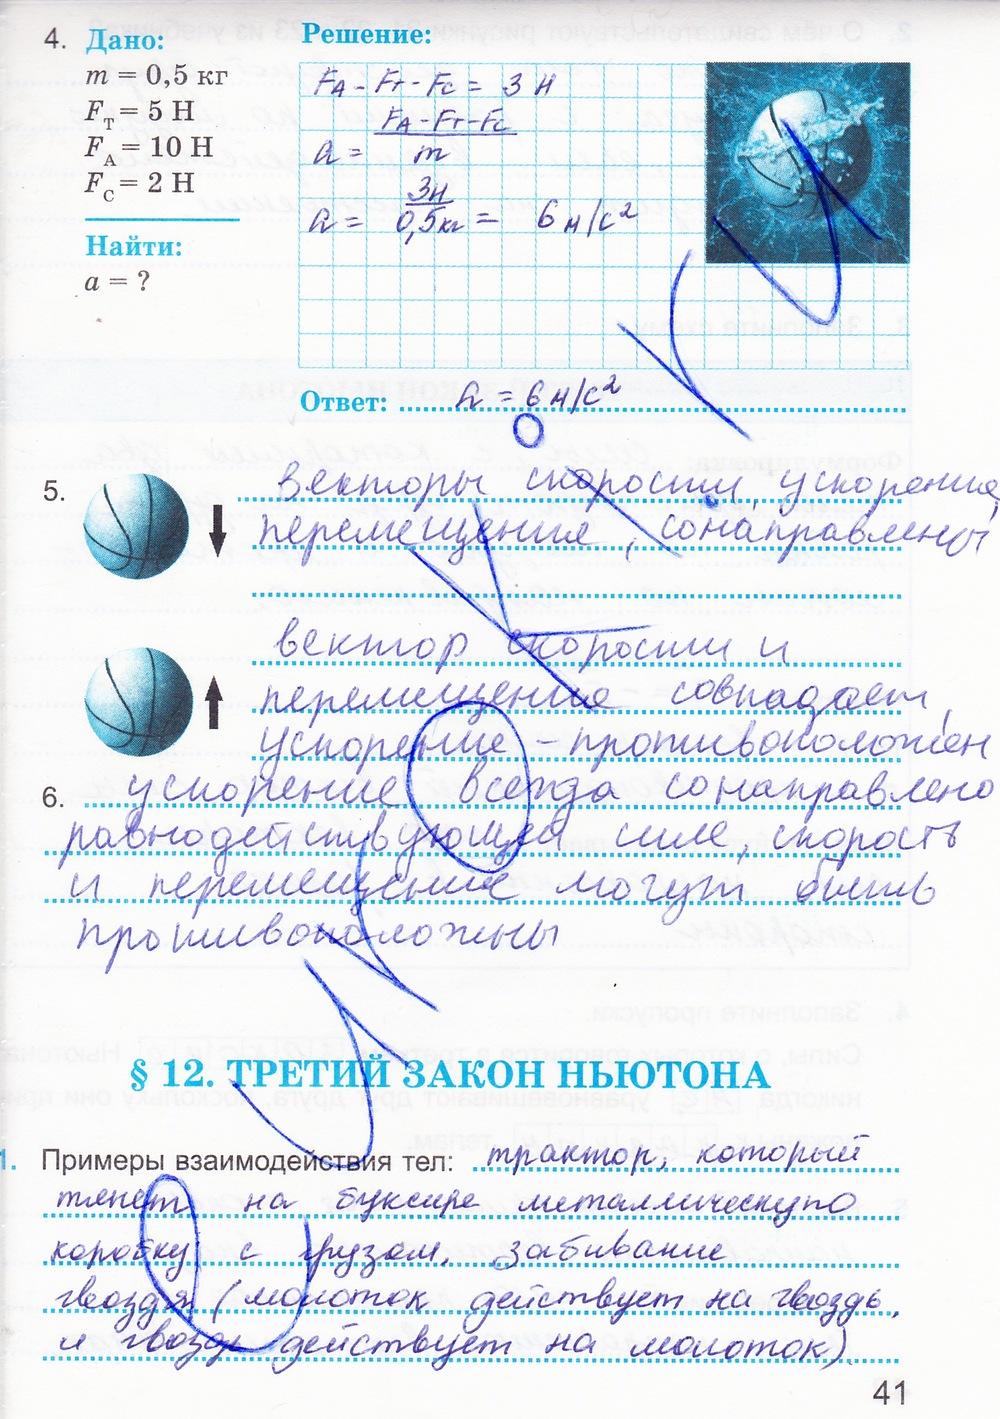 Дмитриева среднего для профессионального образования по гдз физике